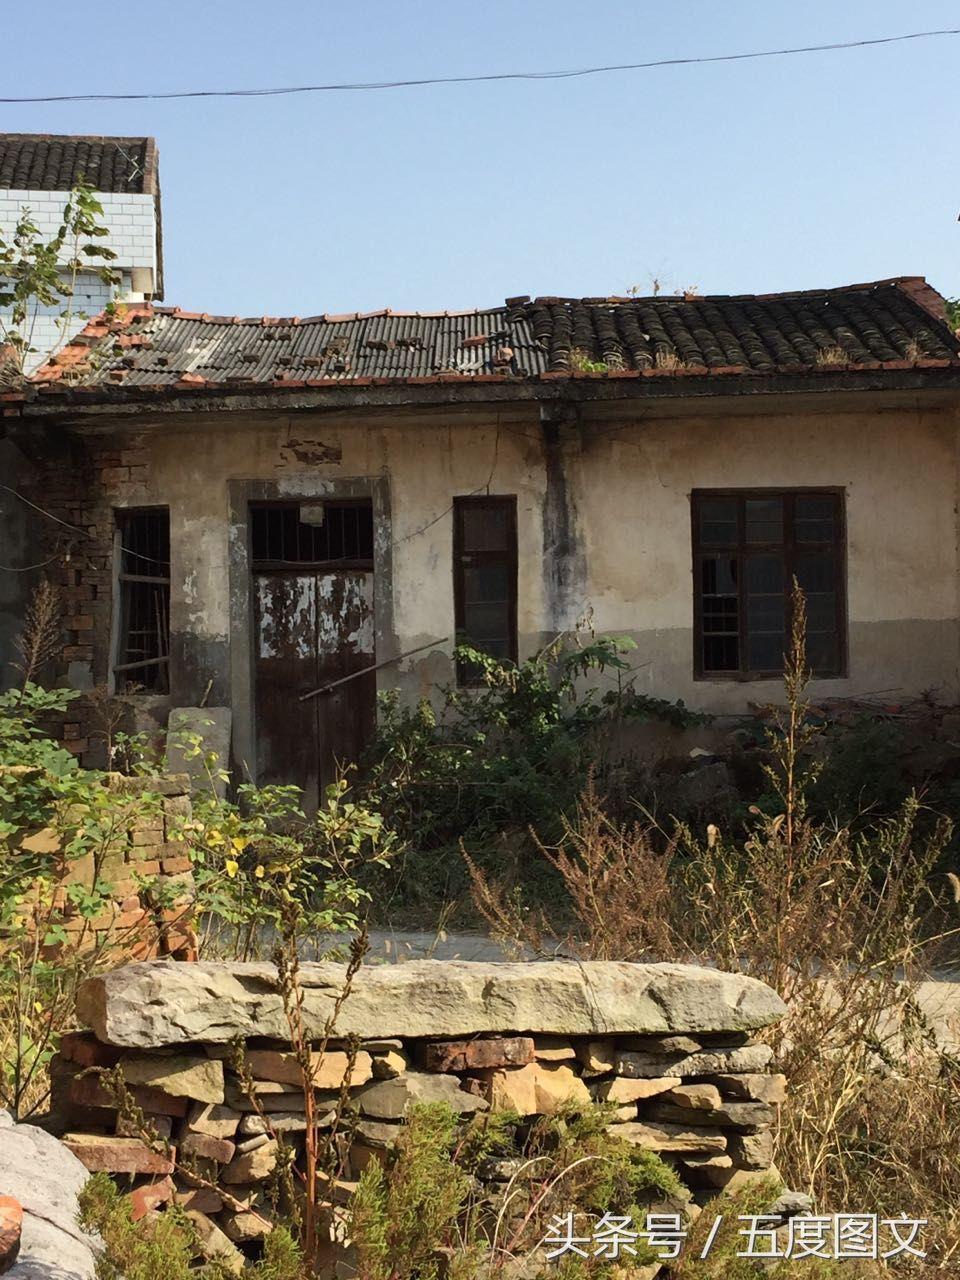 他们选择在城里安家,农村的房子渐渐荒废,农二代在城里过得好吗